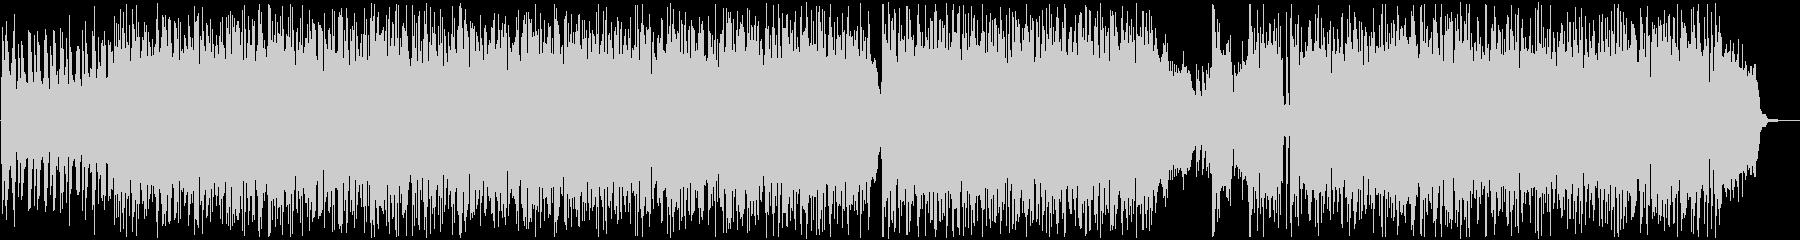 攻撃的なHR/HMの未再生の波形